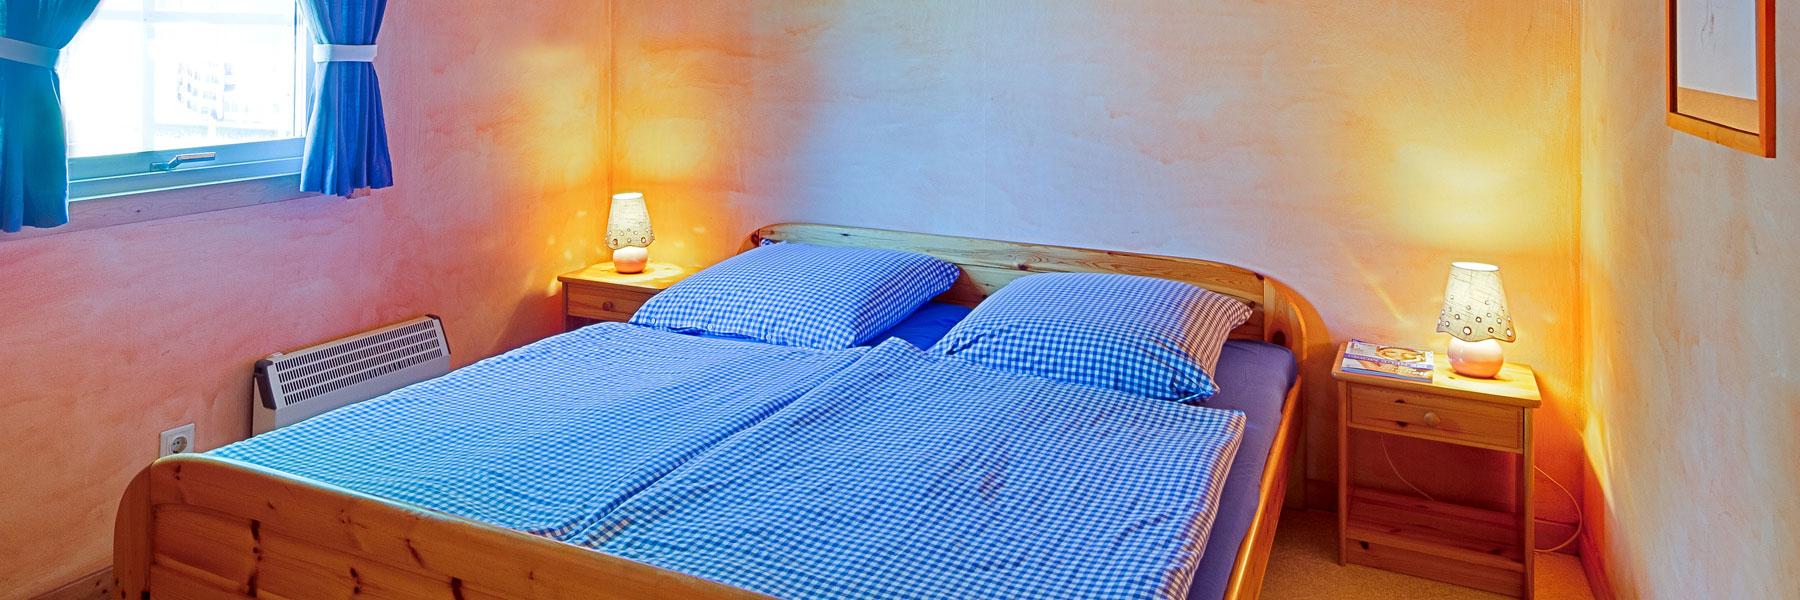 Doppelbett - baltic freizeit